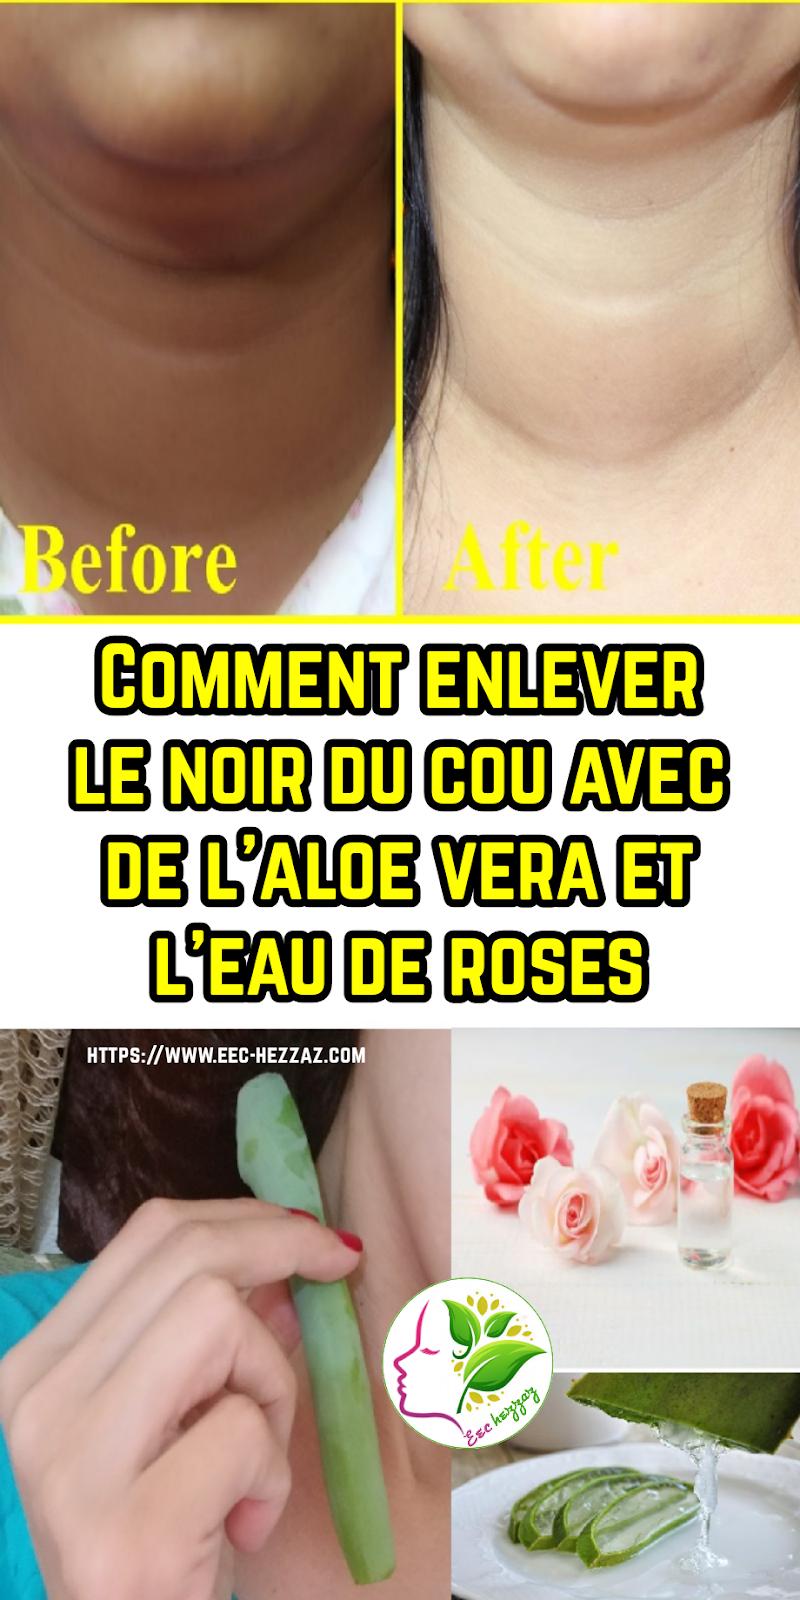 Comment enlever le noir du cou avec de l'aloe vera et l'eau de roses